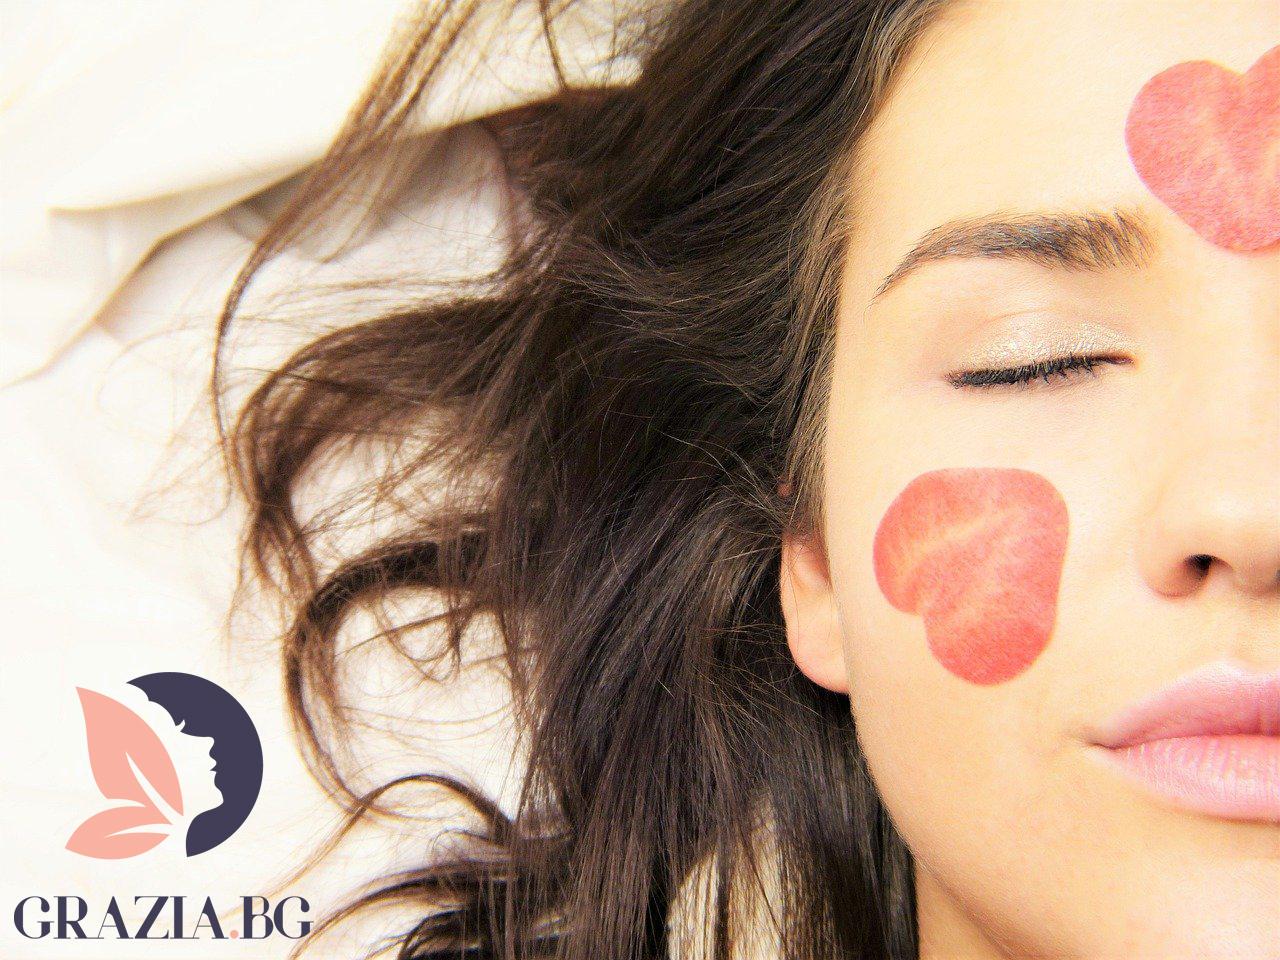 Grazia.bg предоставя прекрасна възможност за покупки на висококачествена козметика